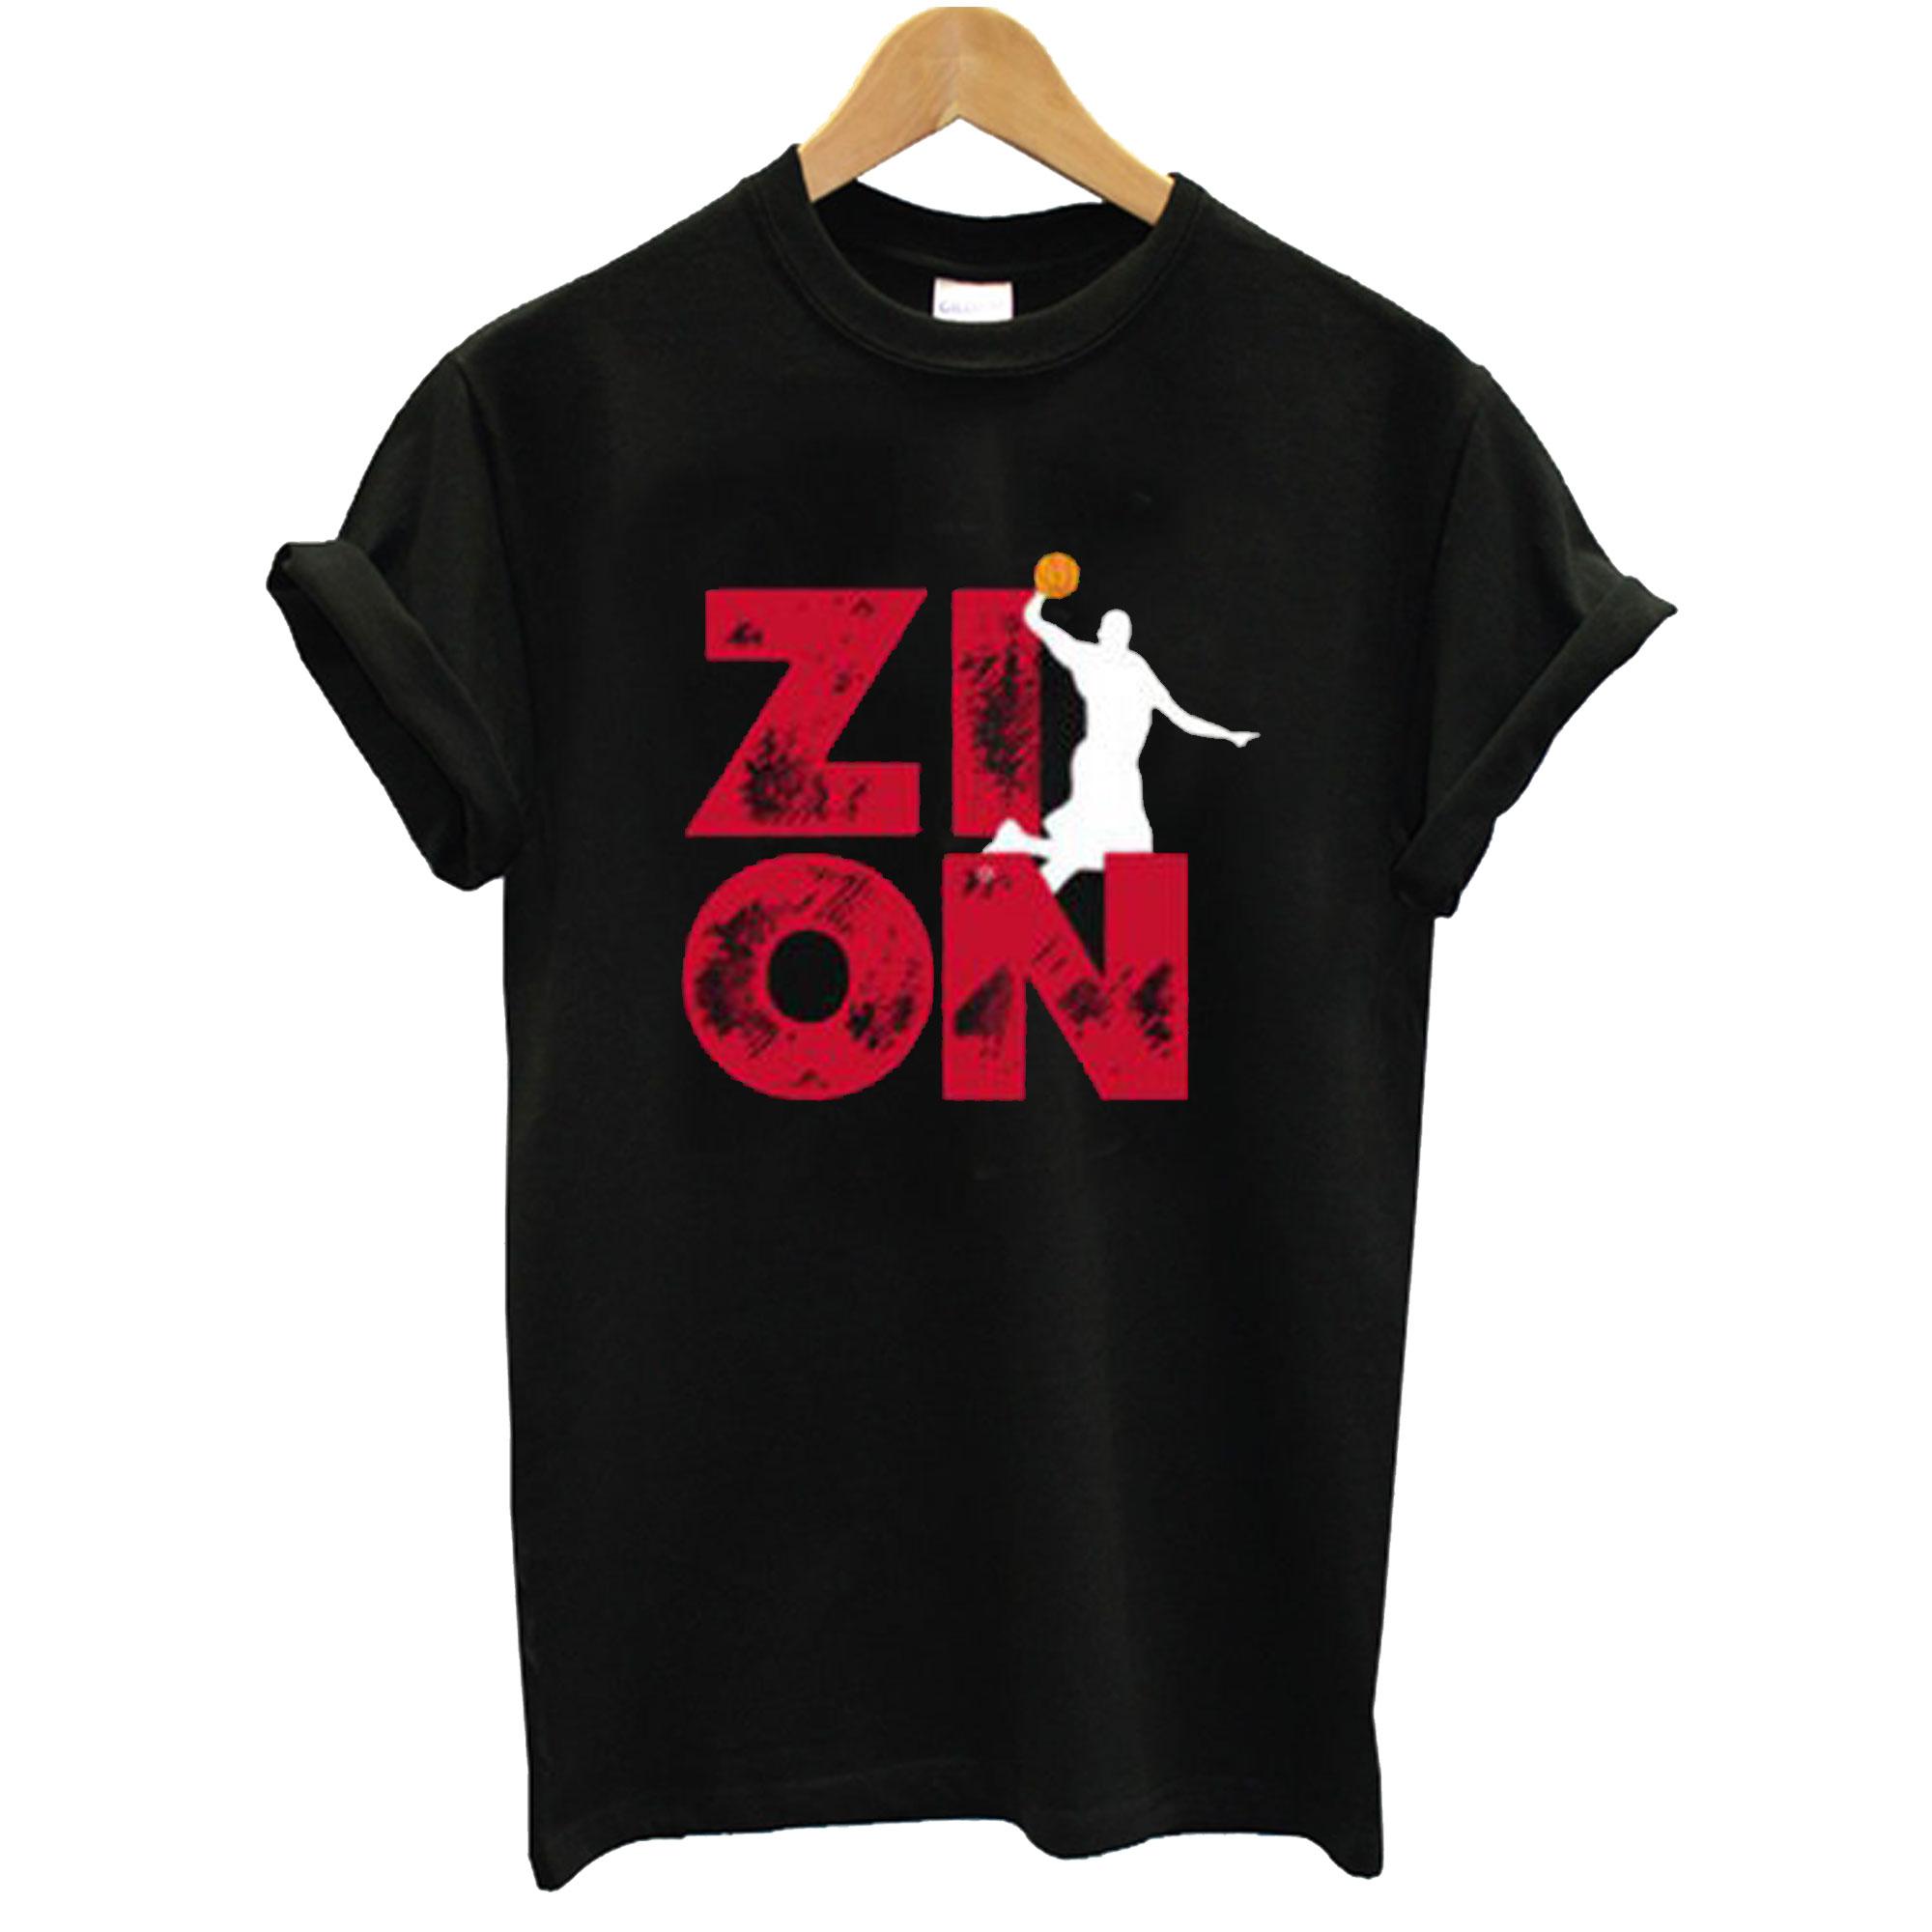 Zion Pelicans Basketball T-Shirt